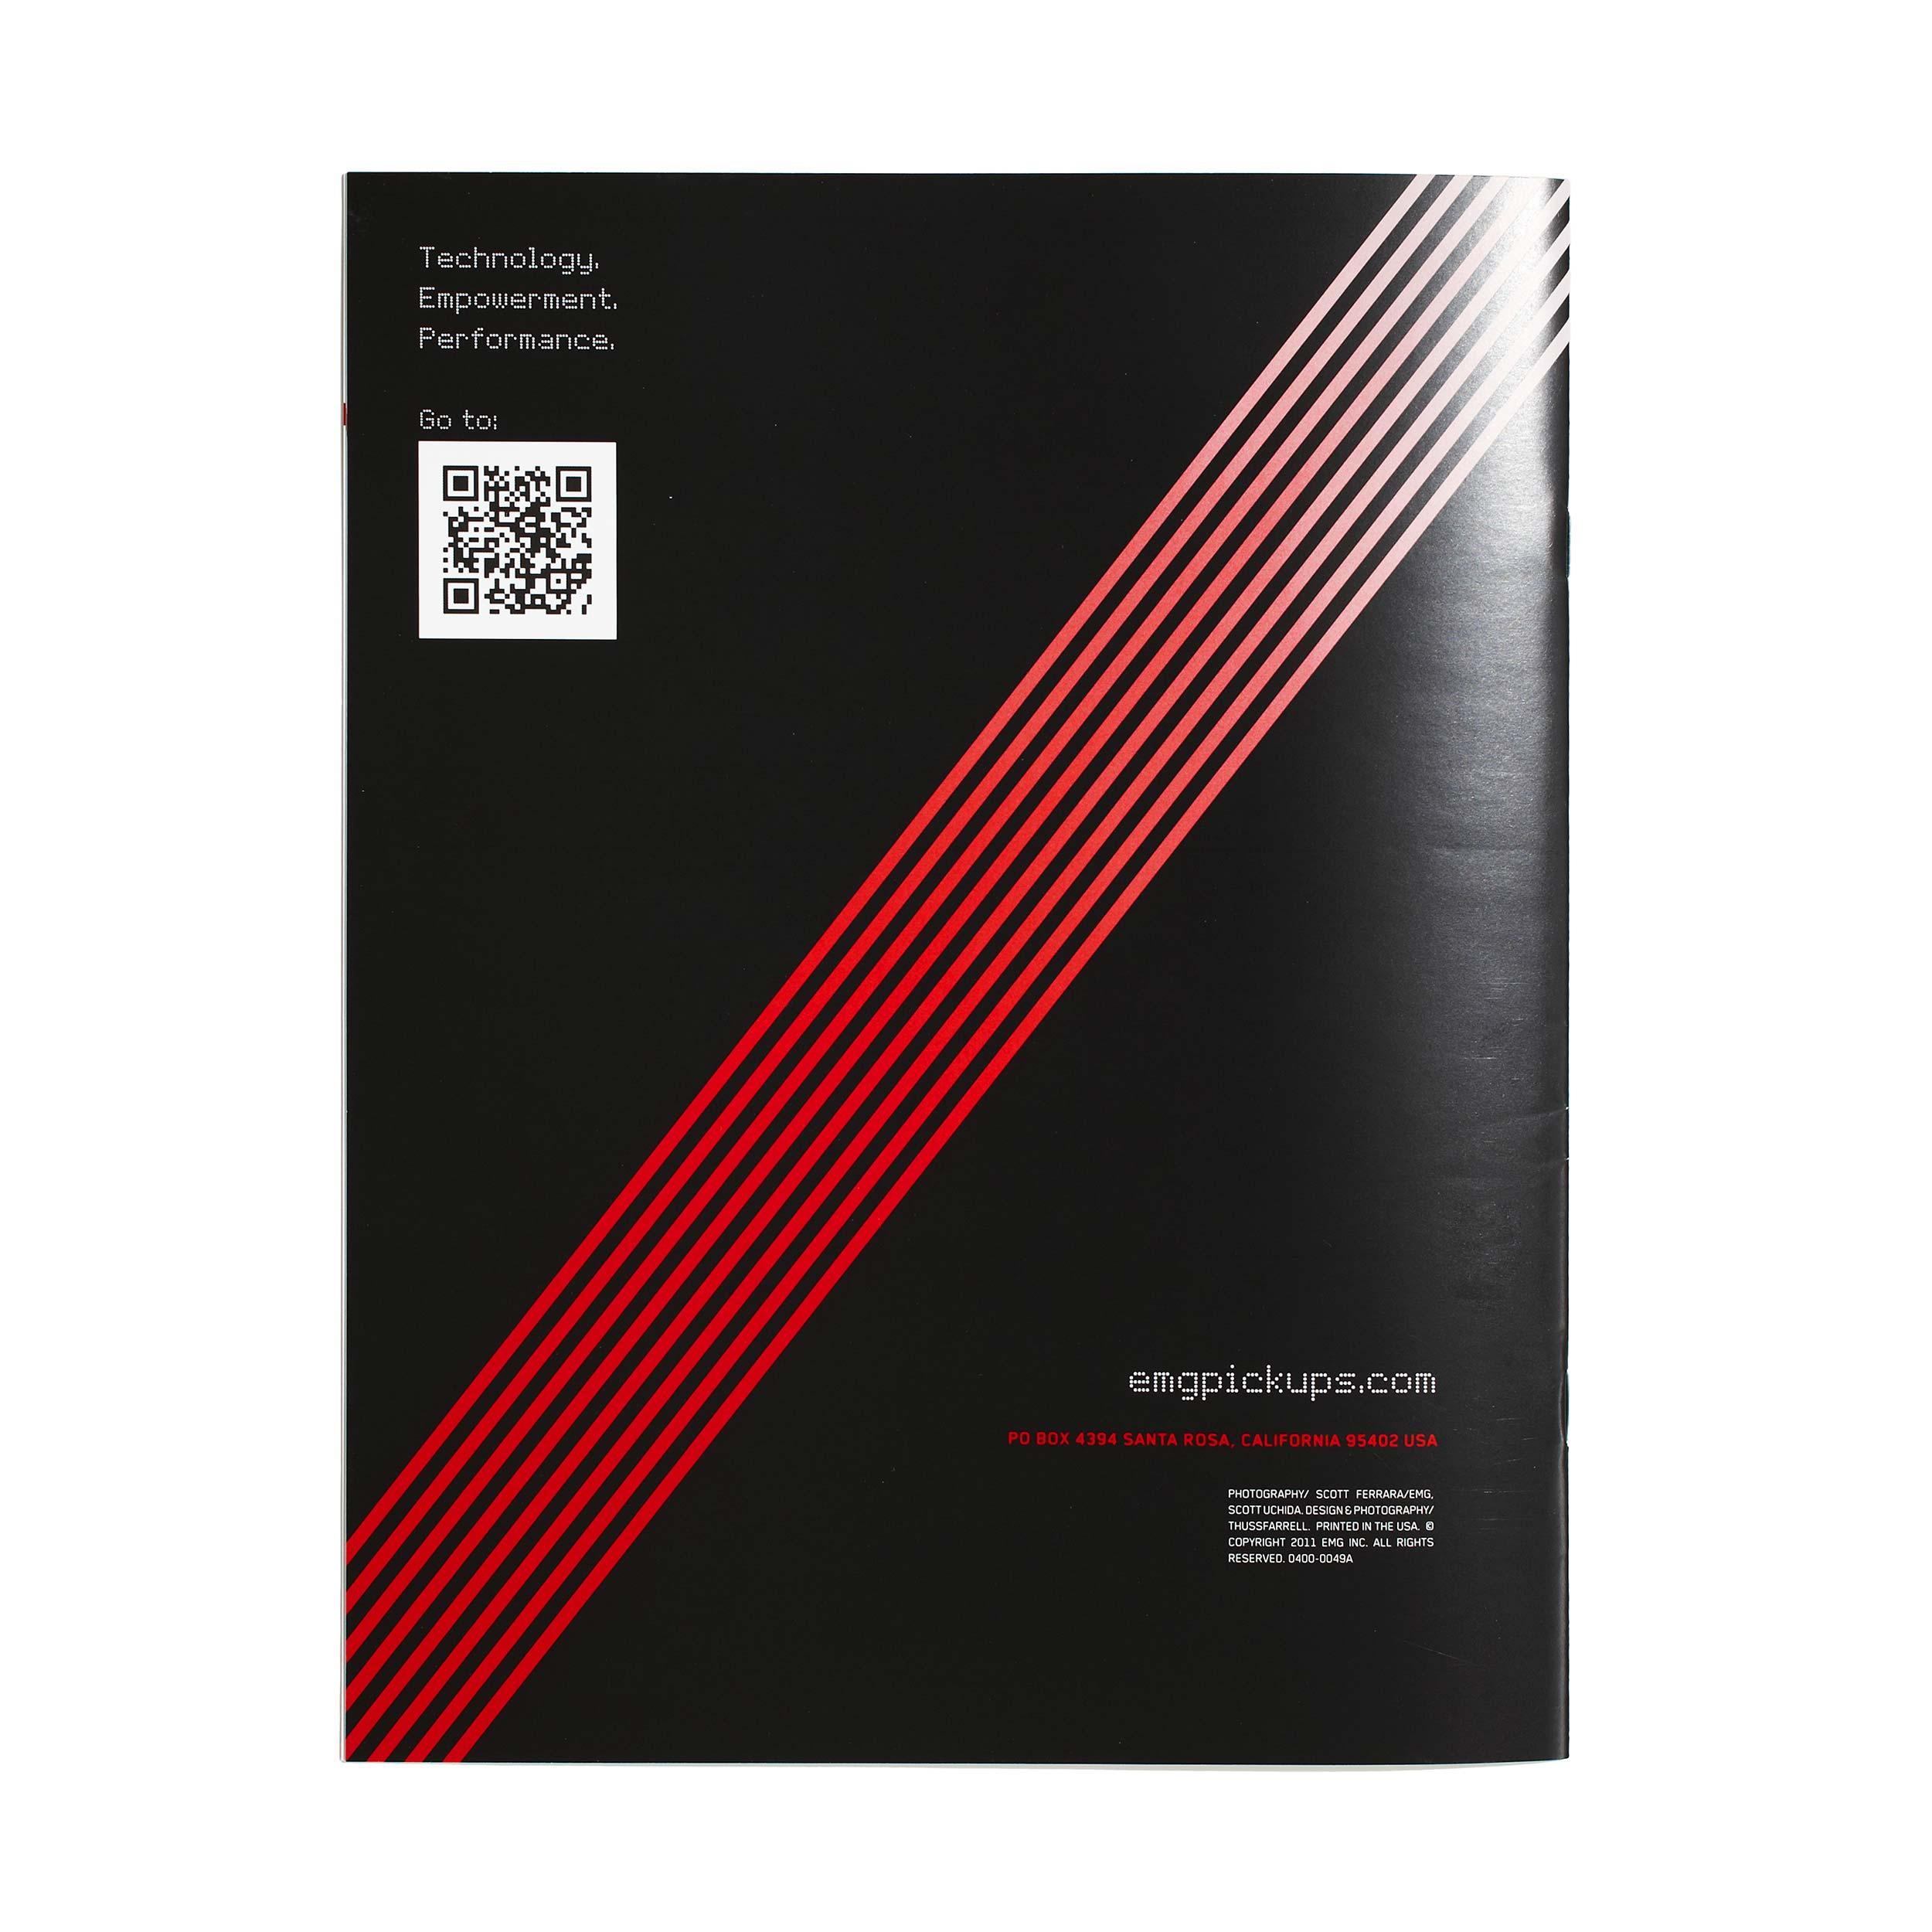 EMG-Catalog-2011-Back-Cover.jpg